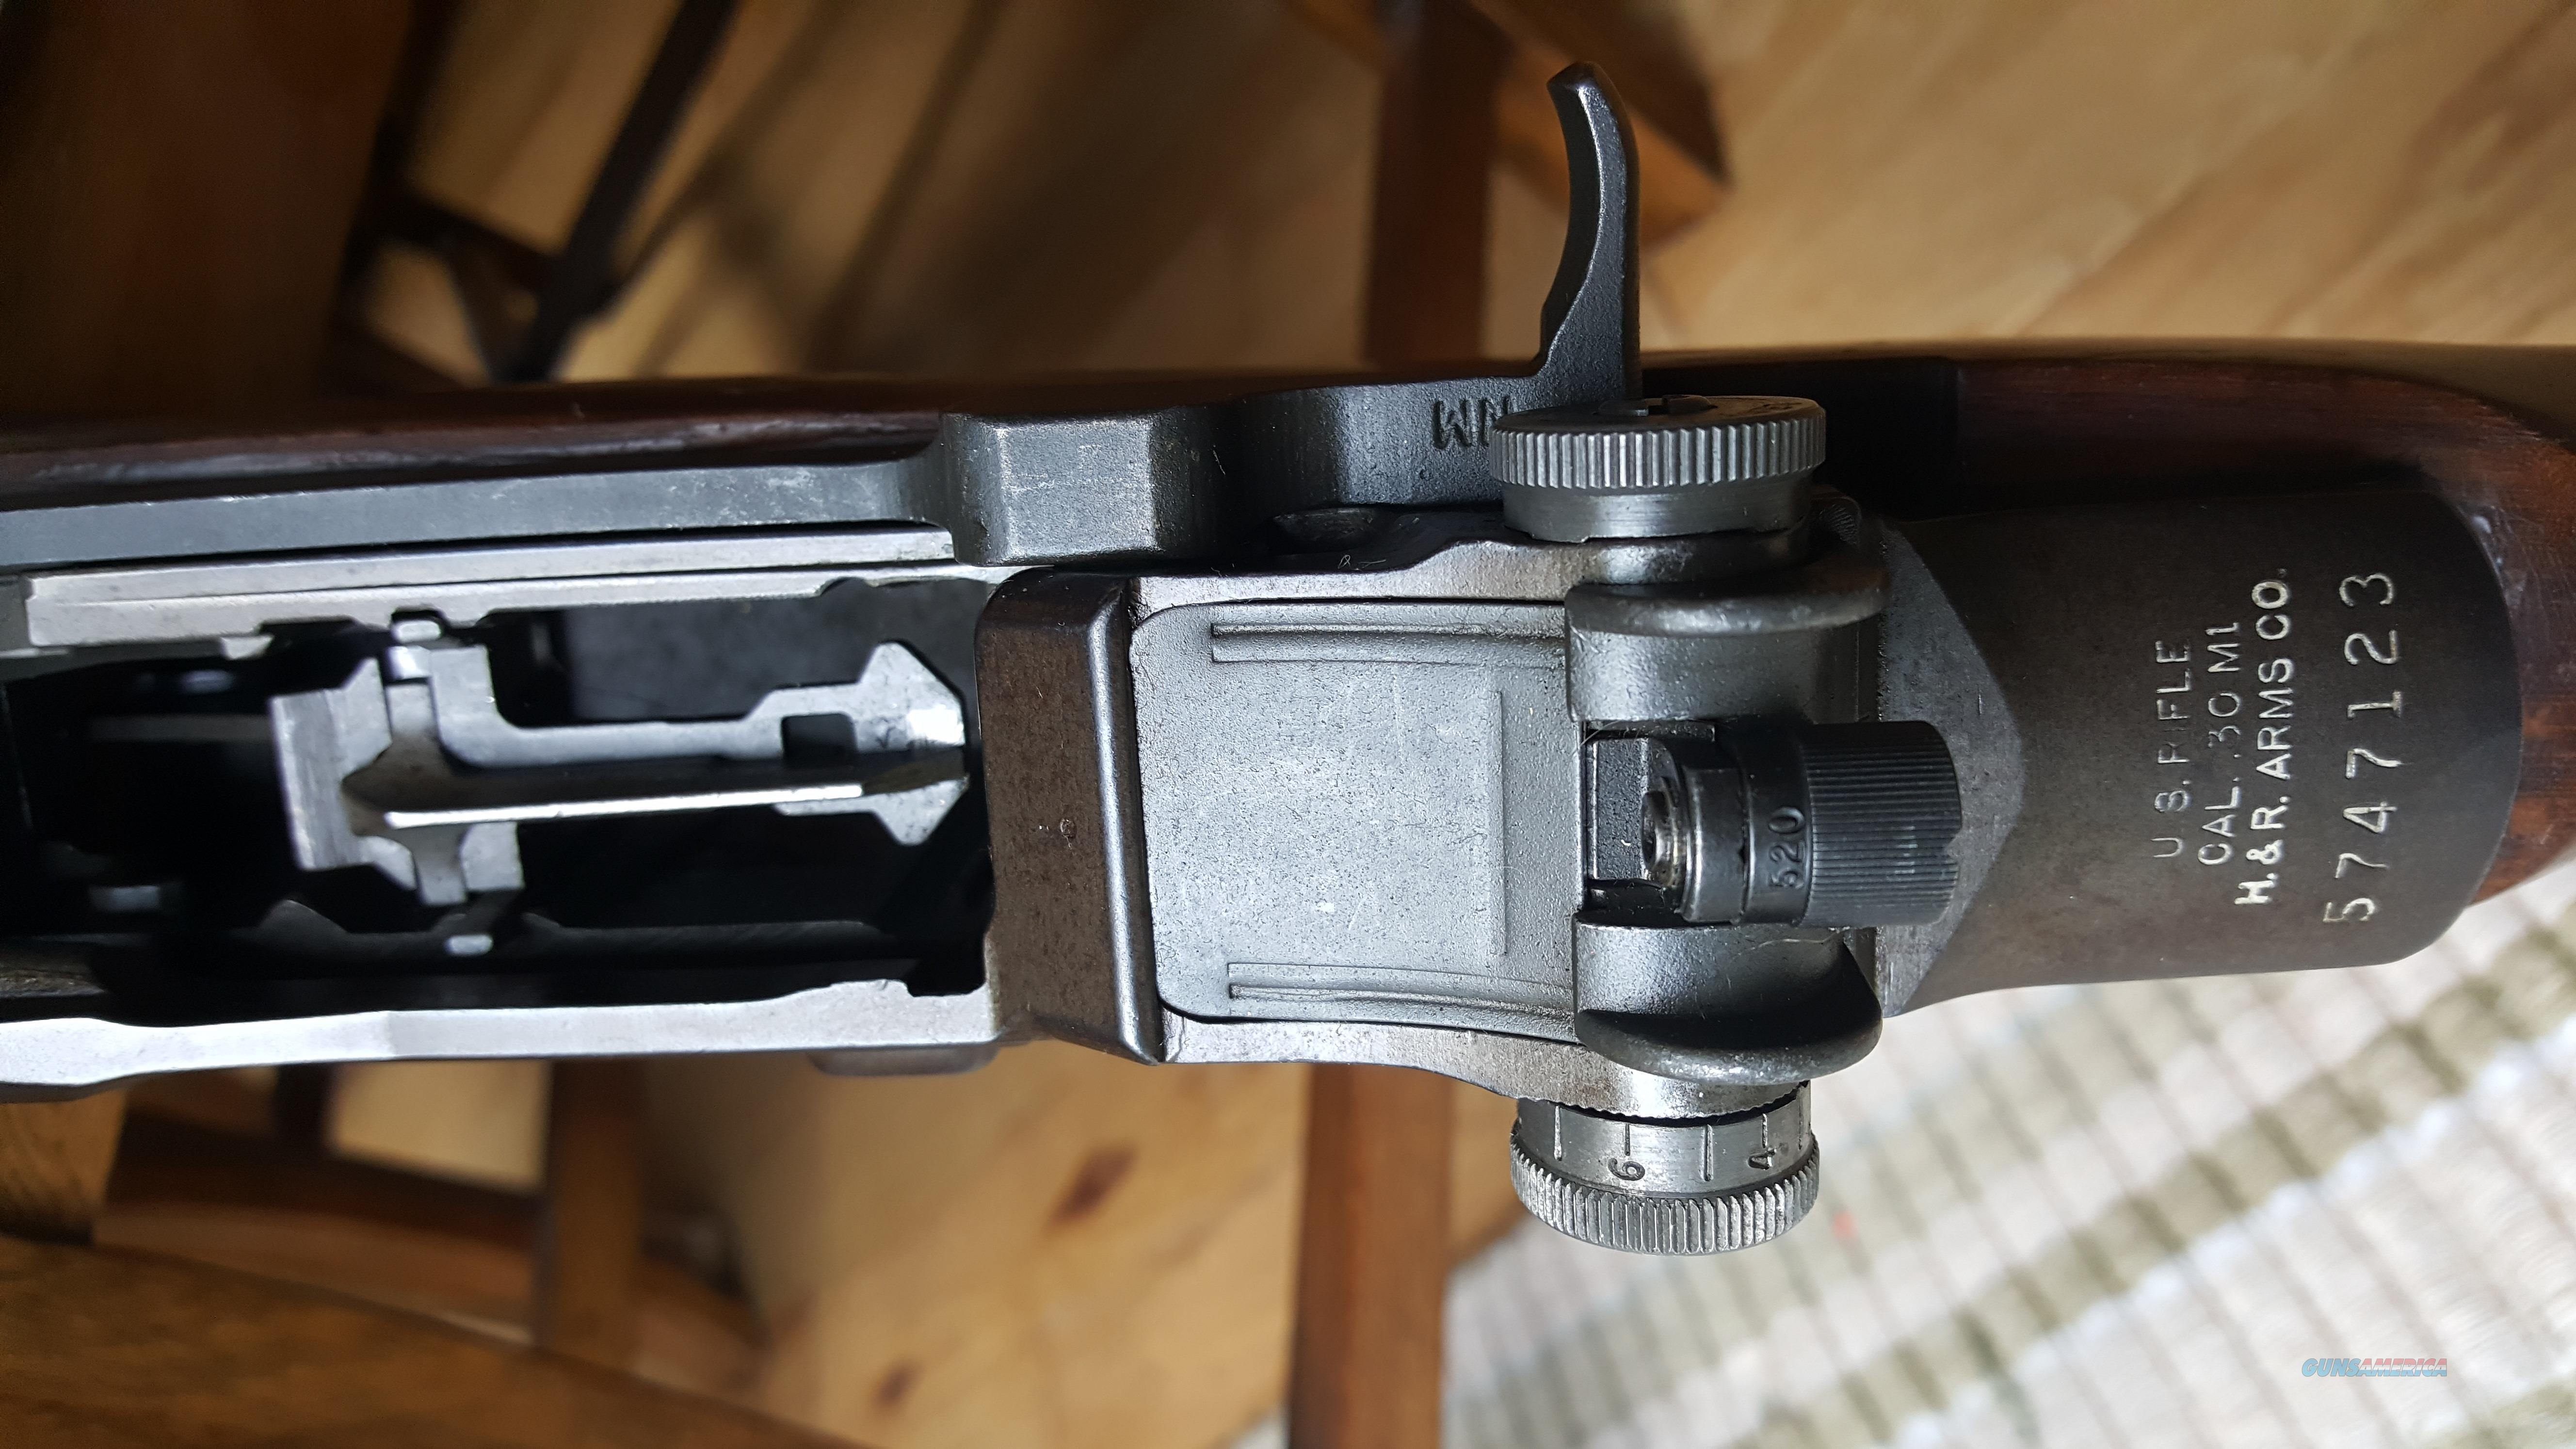 H&R M1 Garand 30-06  Guns > Rifles > Military Misc. Rifles US > M1 Garand